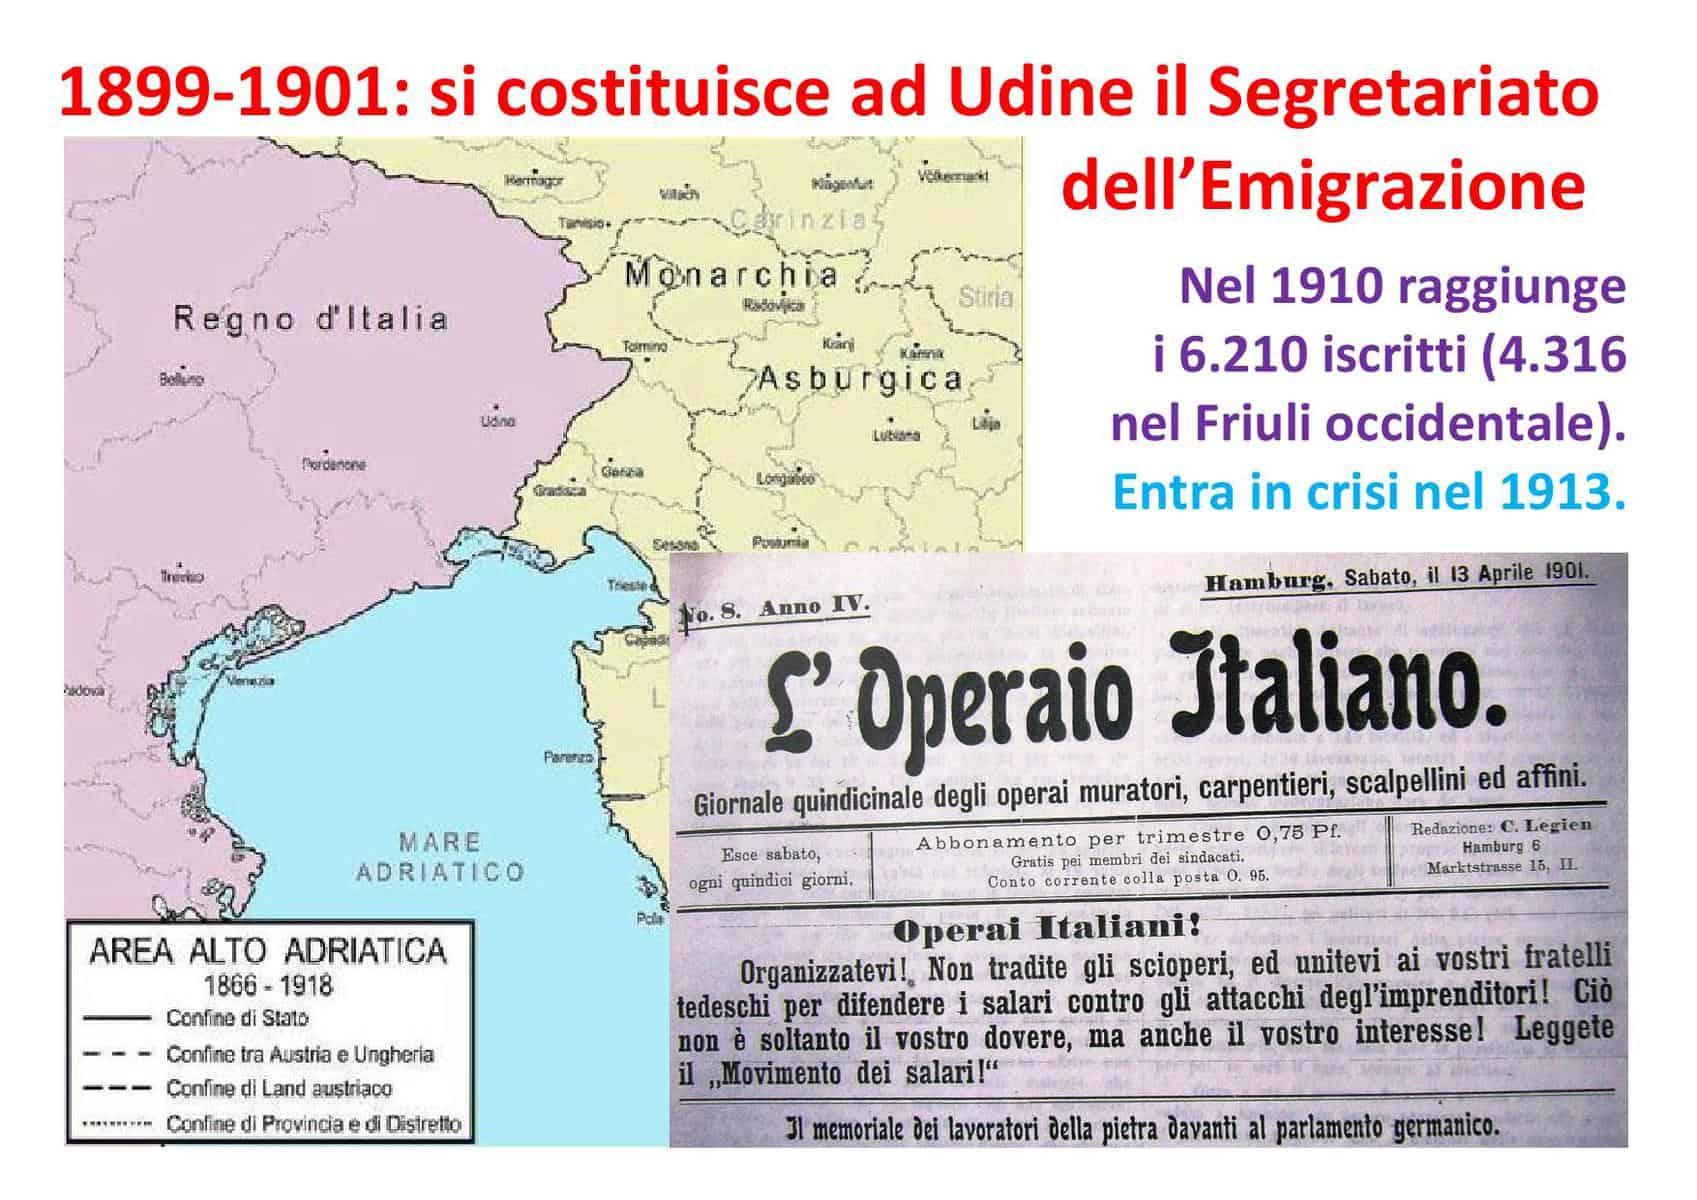 Carpentieri Edili In Svizzera 1919 – 2019: 100 anni per il futuro. dal 1919 al 1953: le